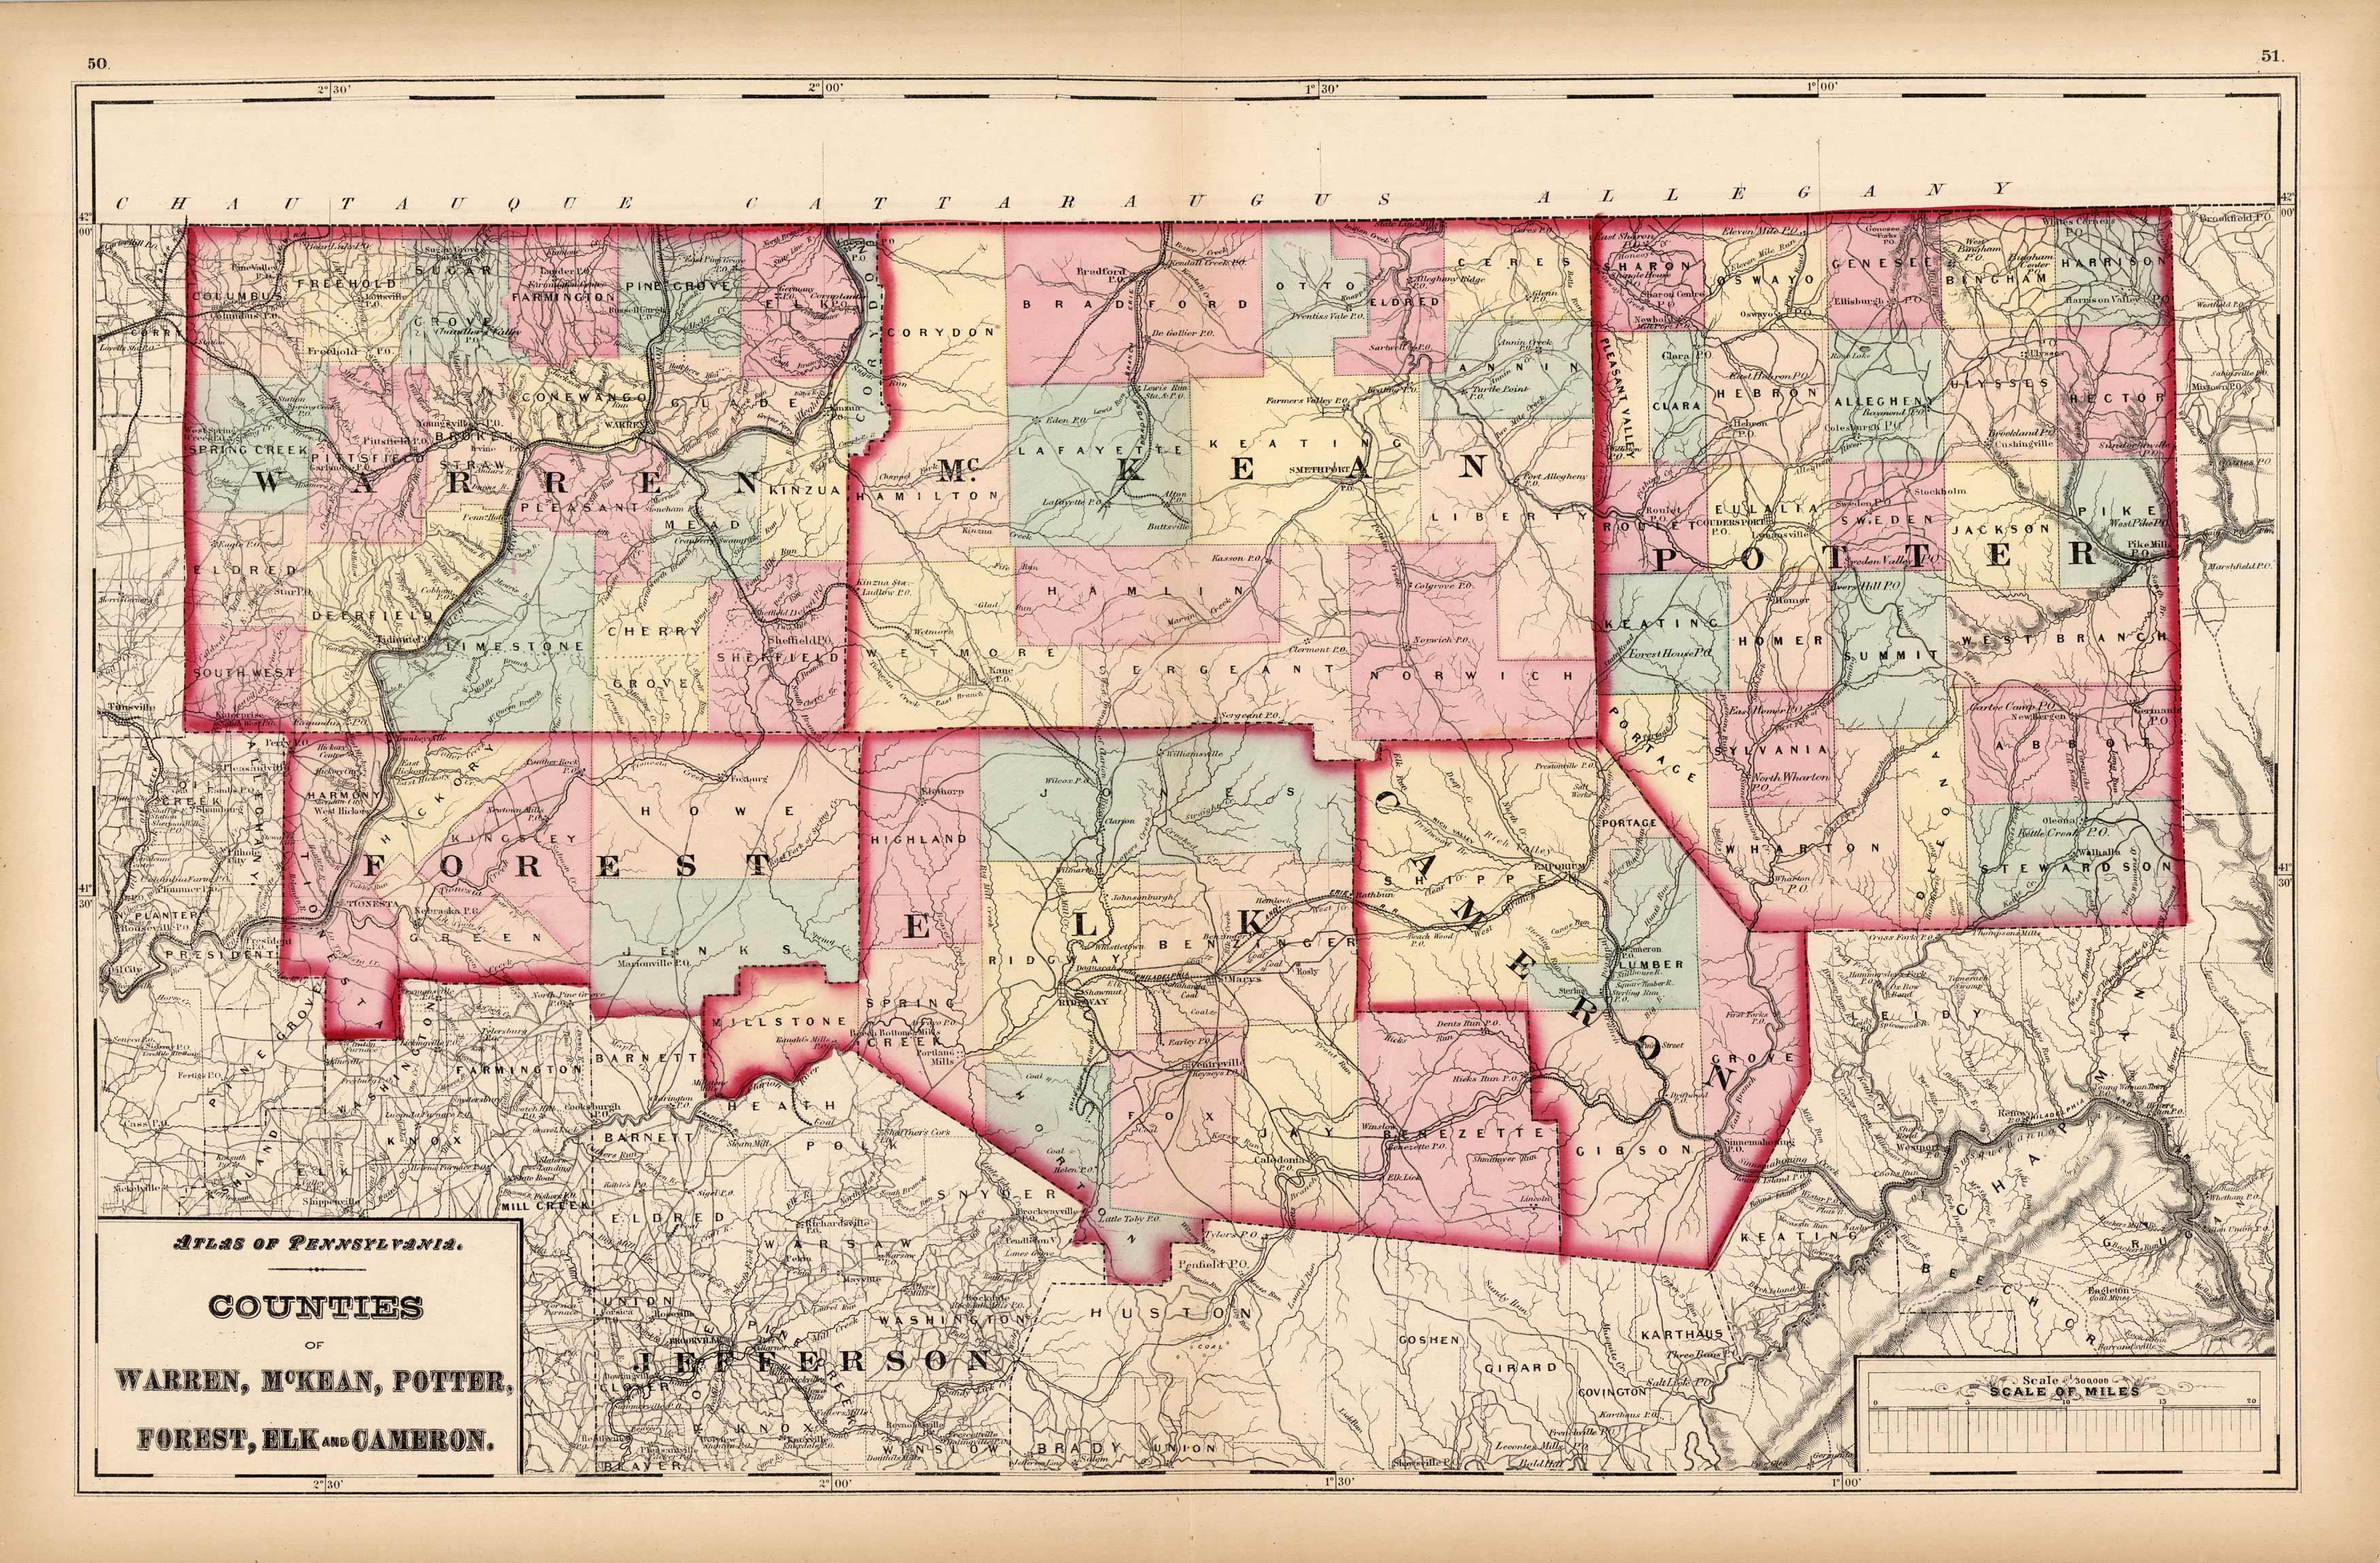 Counties of Warren